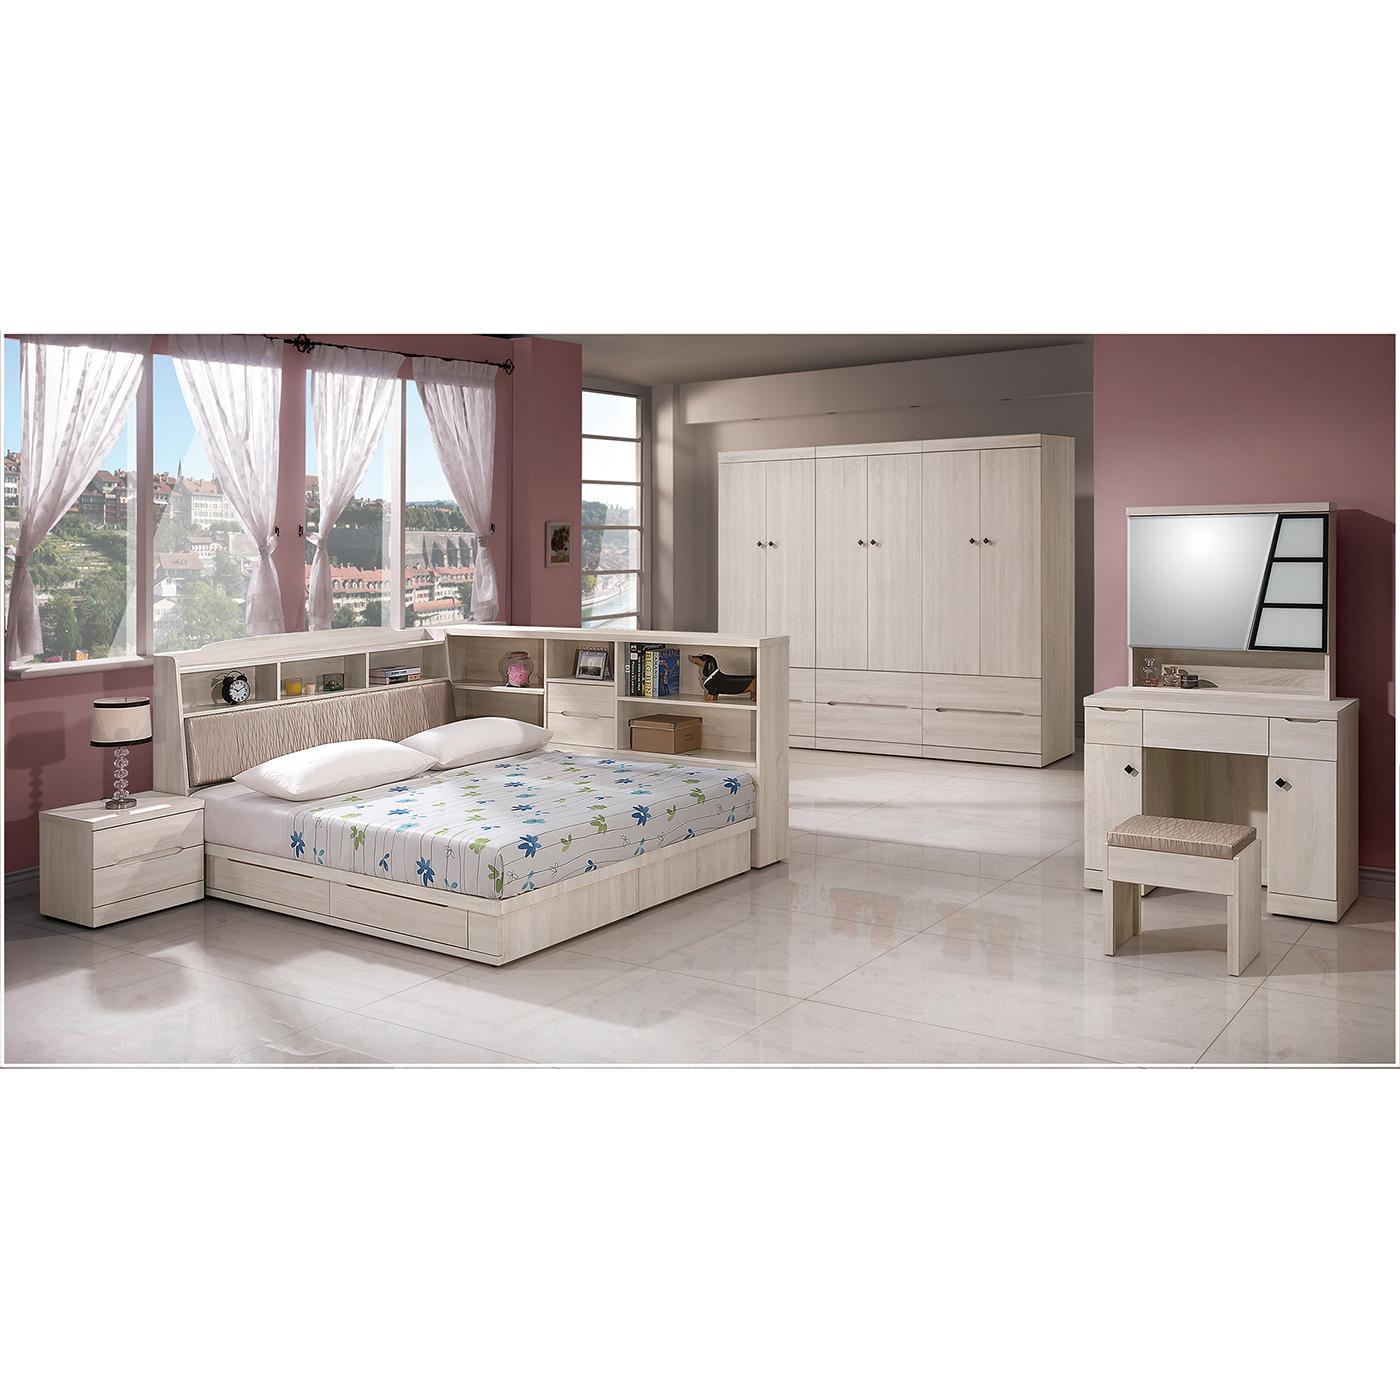 森可家居瑪奇朵5尺床組全組6ZX410-2雙人床臥室房間組木紋質感北歐風衣櫃